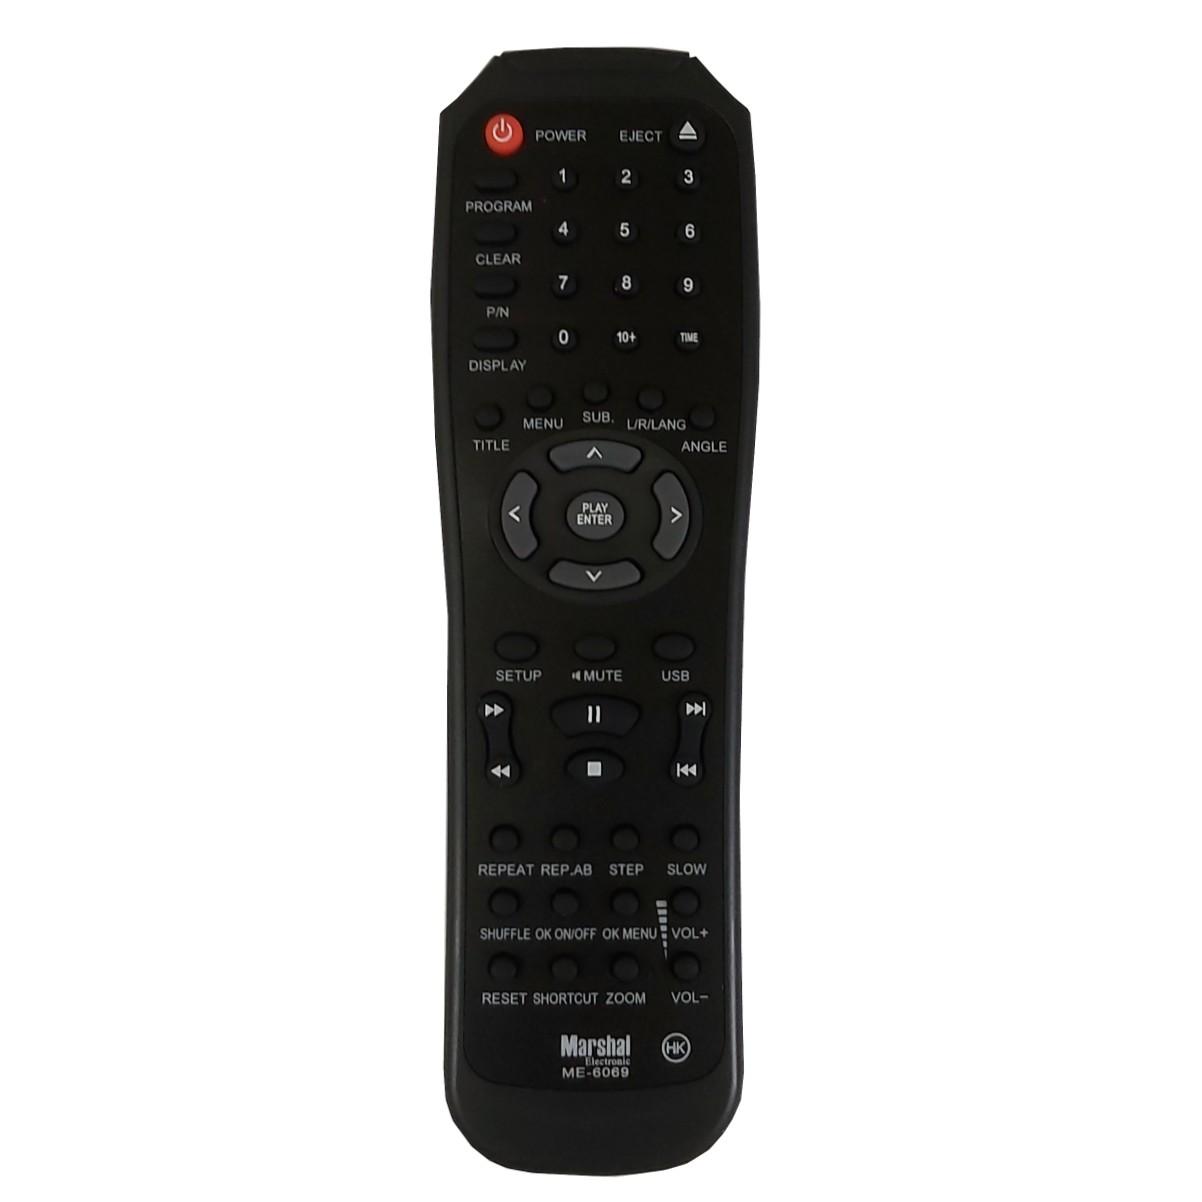 خرید اینترنتی ریموت کنترل مارشال مدل ME-6069 اورجینال